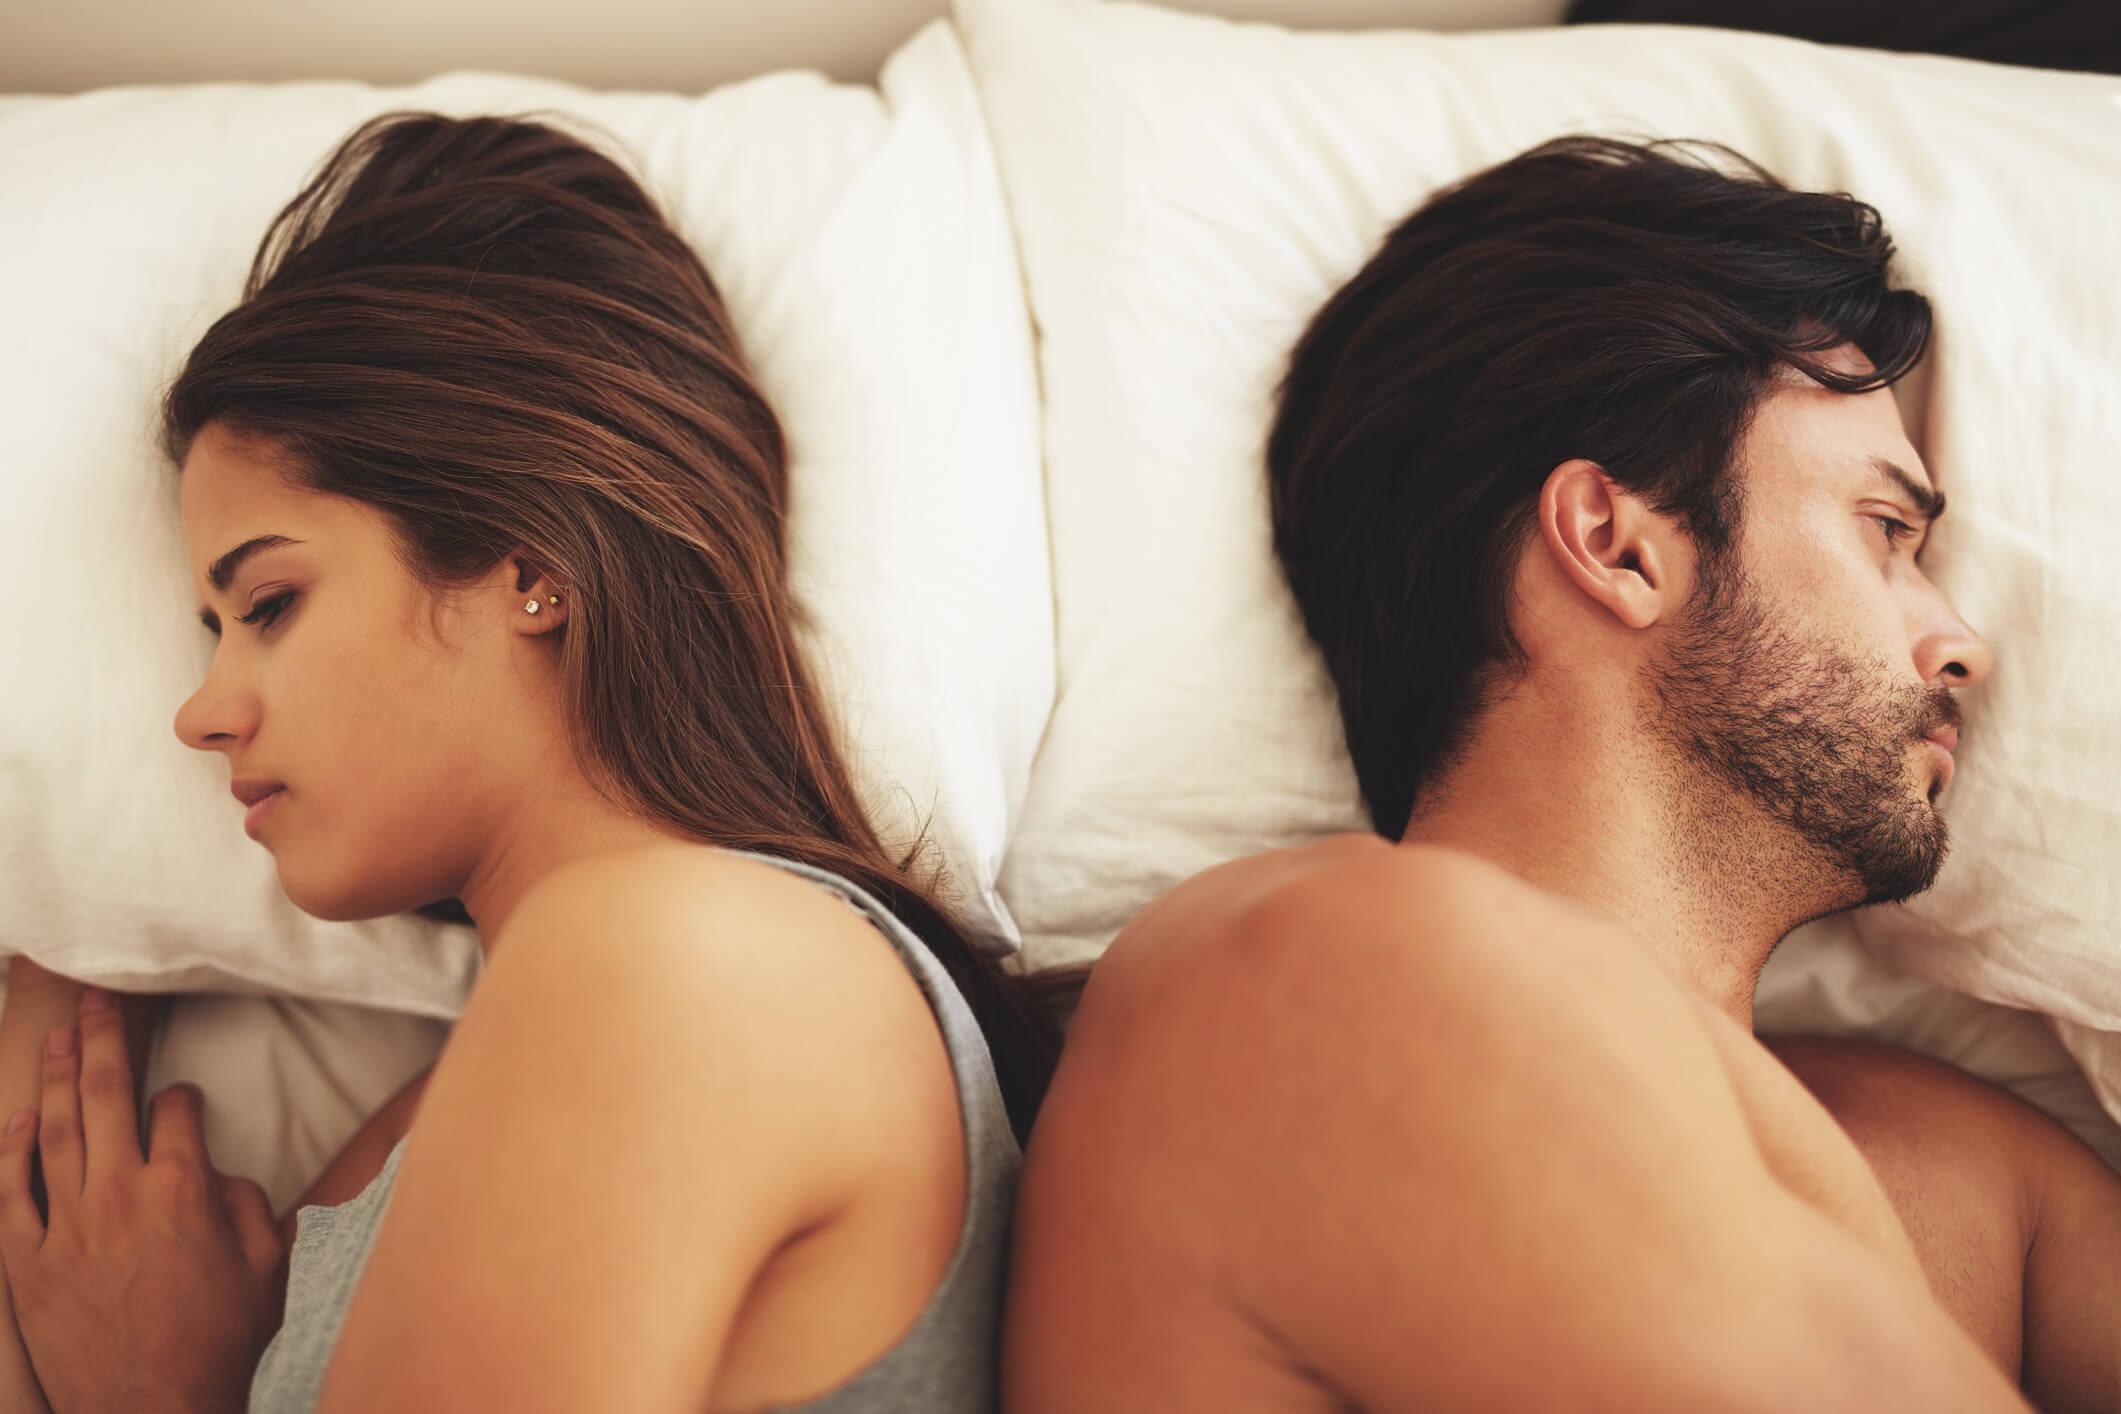 Résoudre les conflits de couple à l'heure de la pandémie